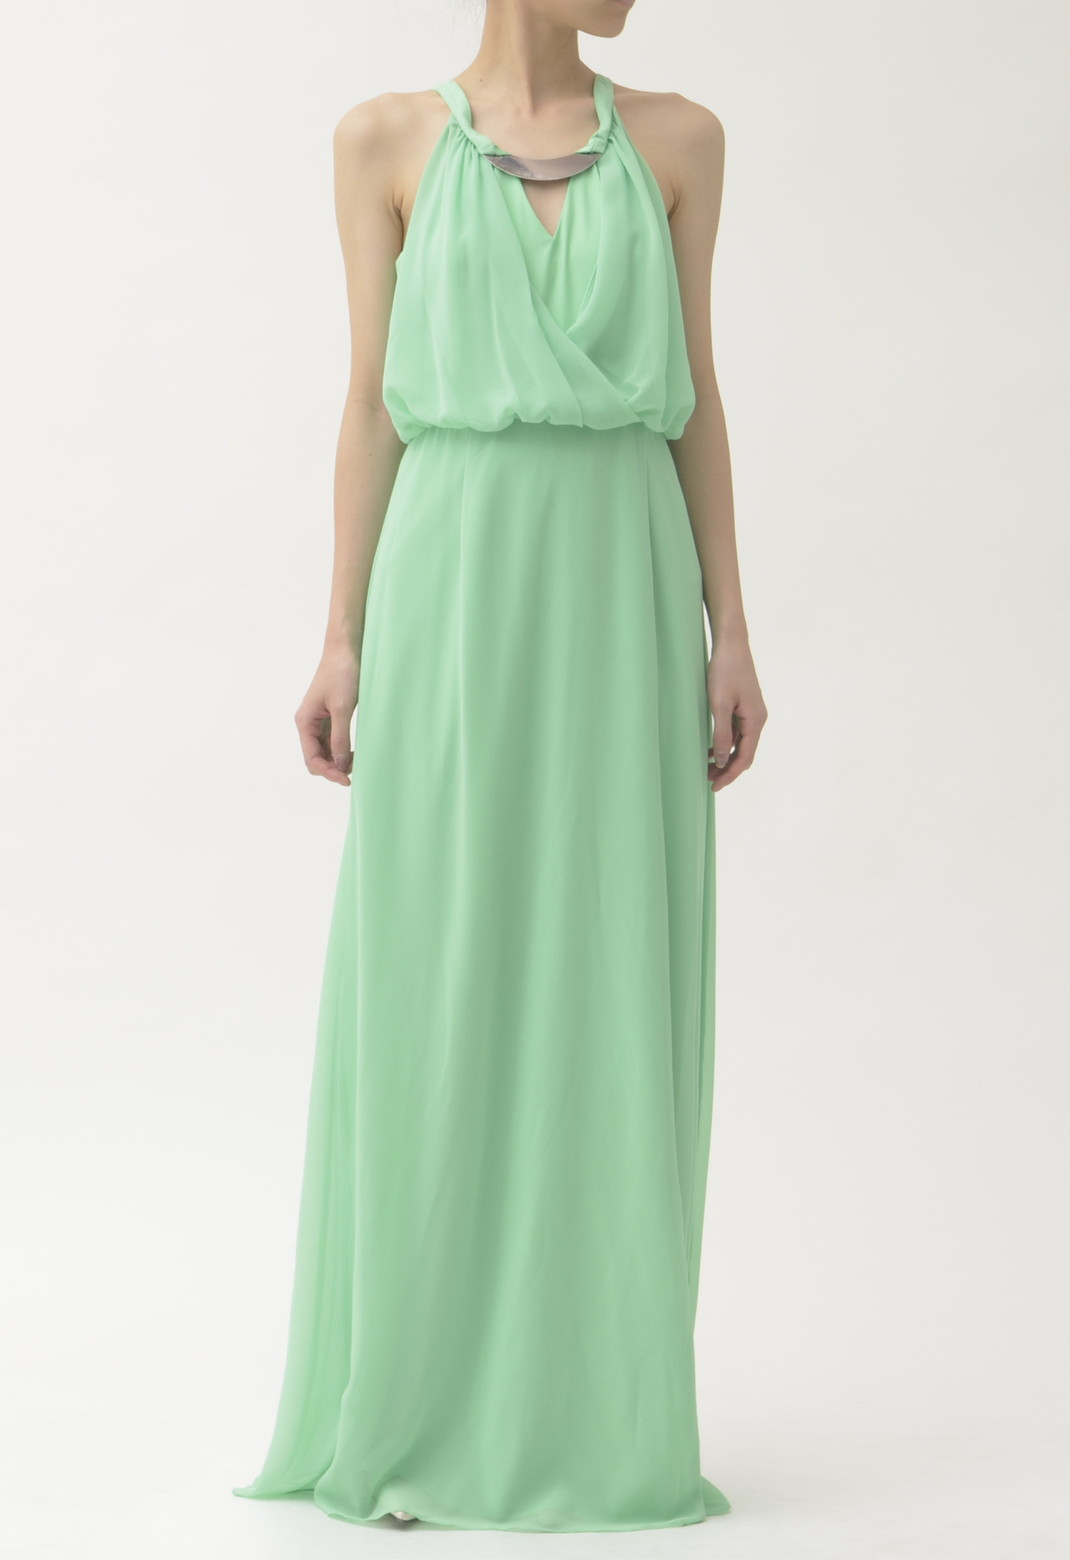 VINCE CAMUTO シルバープレート飾り ノースリーブ ロング ドレス